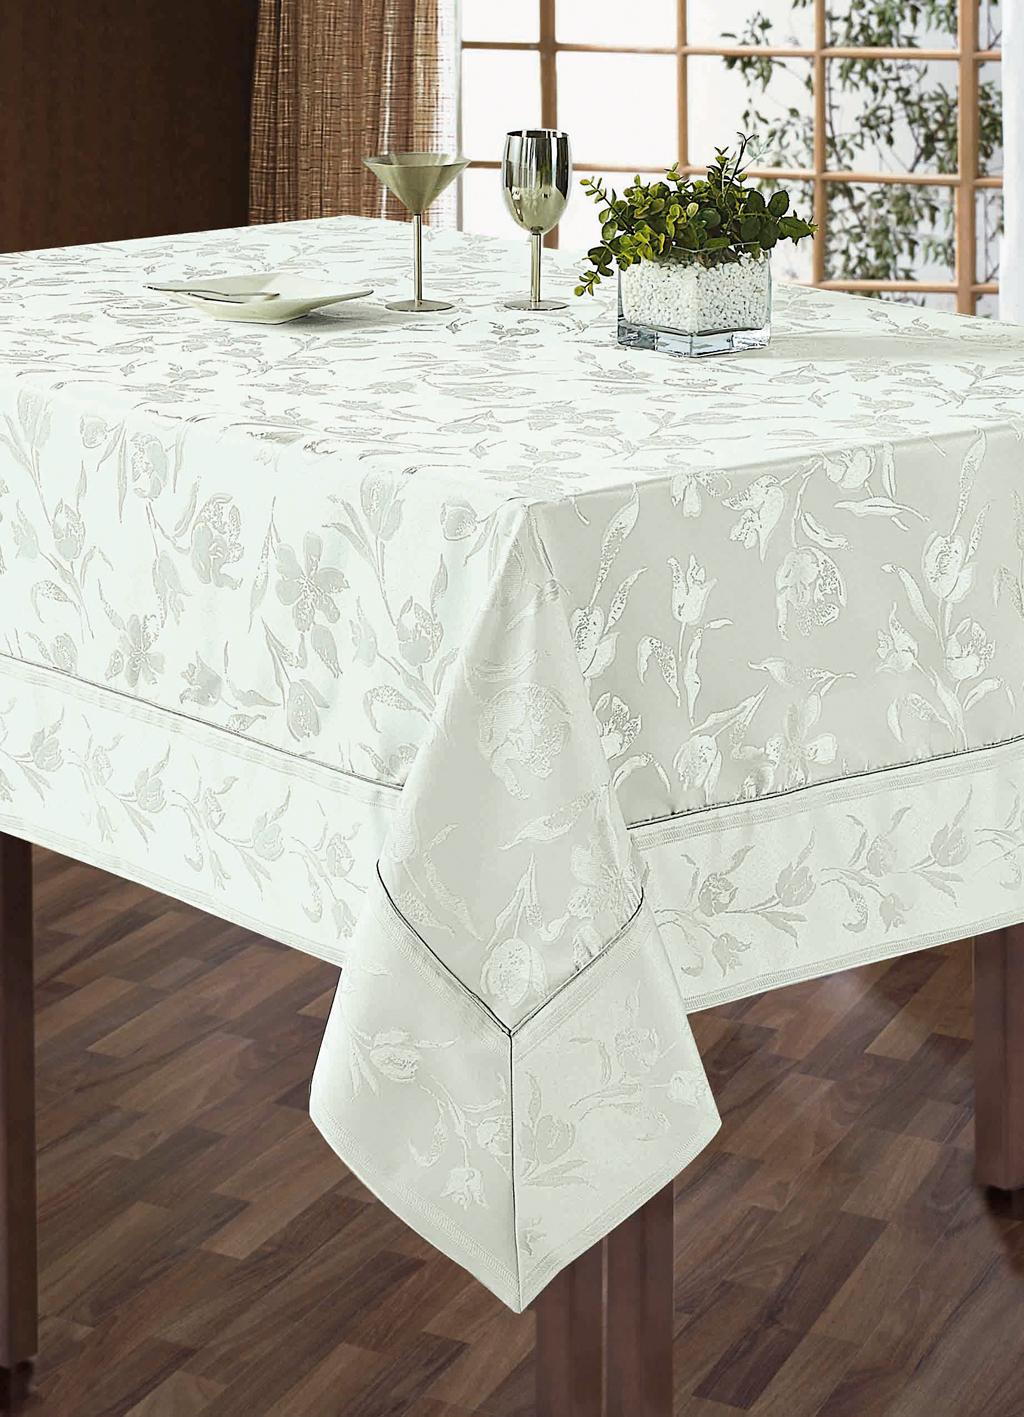 Комплект столового белья SL, цвет: белый, 5 предметов. 1010510105Роскошный комплект столового белья SL состоит из скатерти прямоугольной формы и 4 квадратных салфеток. Комплект выполнен из жаккарда с изящным цветочным рисунком. Комплект, несомненно, придаст интерьеру уют и внесет что-то новое. Использование такого комплекта сделает застолье более торжественным, поднимет настроение гостей и приятно удивит их вашим изысканным вкусом. Вы можете использовать этот комплект для повседневной трапезы, превратив каждый прием пищи в волшебный праздник и веселье.Жаккард - это гладкая, безворсовая ткань сложного плетения, в состав которой входят как синтетические, так и органические волокна. У изделий из жаккардовой ткани гладкая и приятная на ощупь фактура. Его контурный рисунок, созданный благодаря особому плетению, выглядит дорого и изящно. Здесь воссоединились блеск шелка и уютная мягкость хлопка. Жаккардовые ткани очень прочны и долговечны, очень удобны в эксплуатации. Скатерть - 1 шт. Размер: 150 см х 180 см. Салфетки - 4 шт. Размер: 40 см х 40 см.Комплект упакован в красивую подарочную коробку.